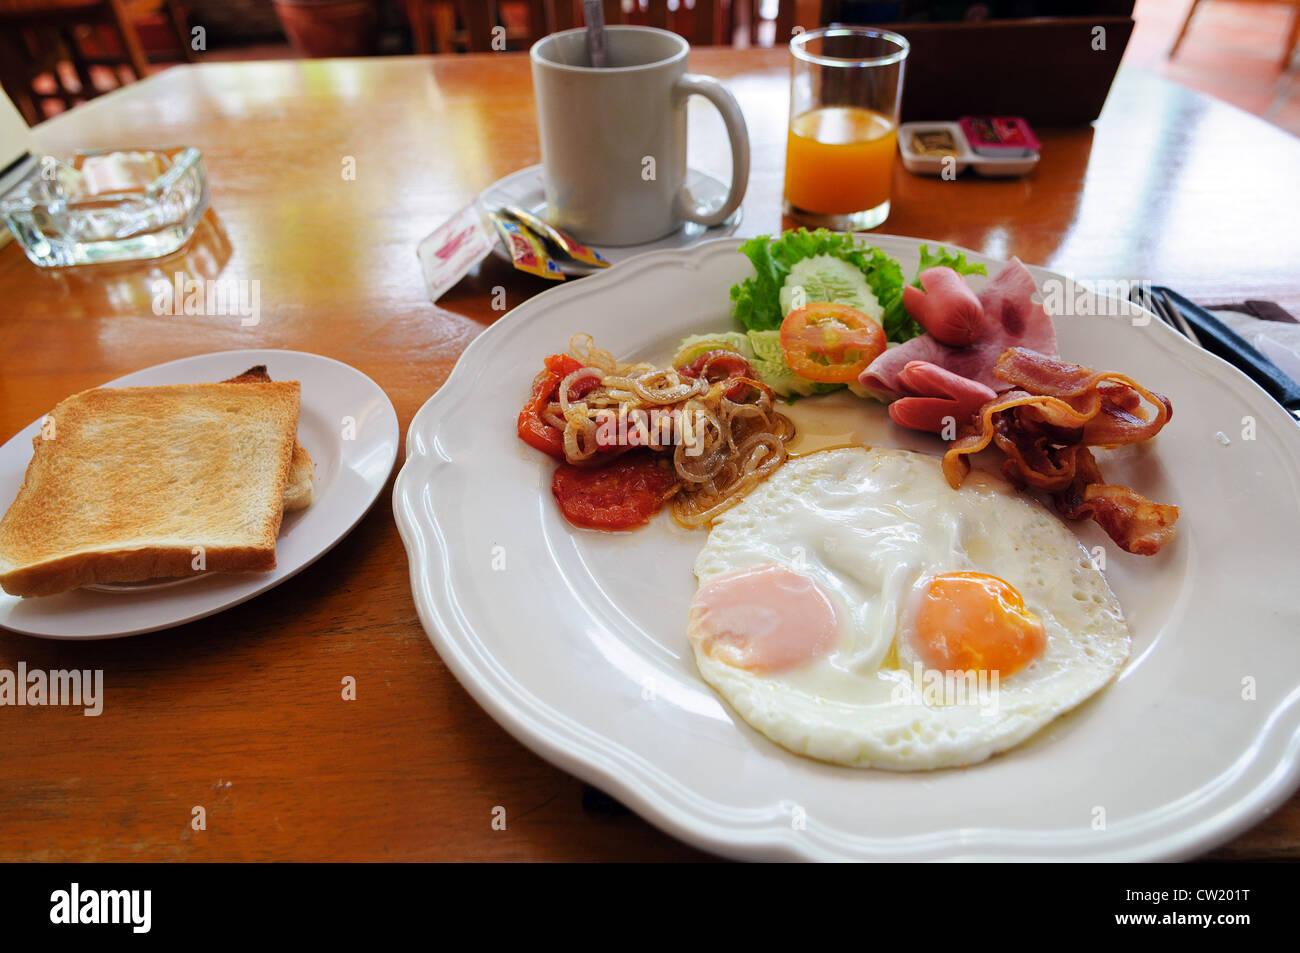 Desayuno americano en una mesa de café en tailandés. Imagen De Stock